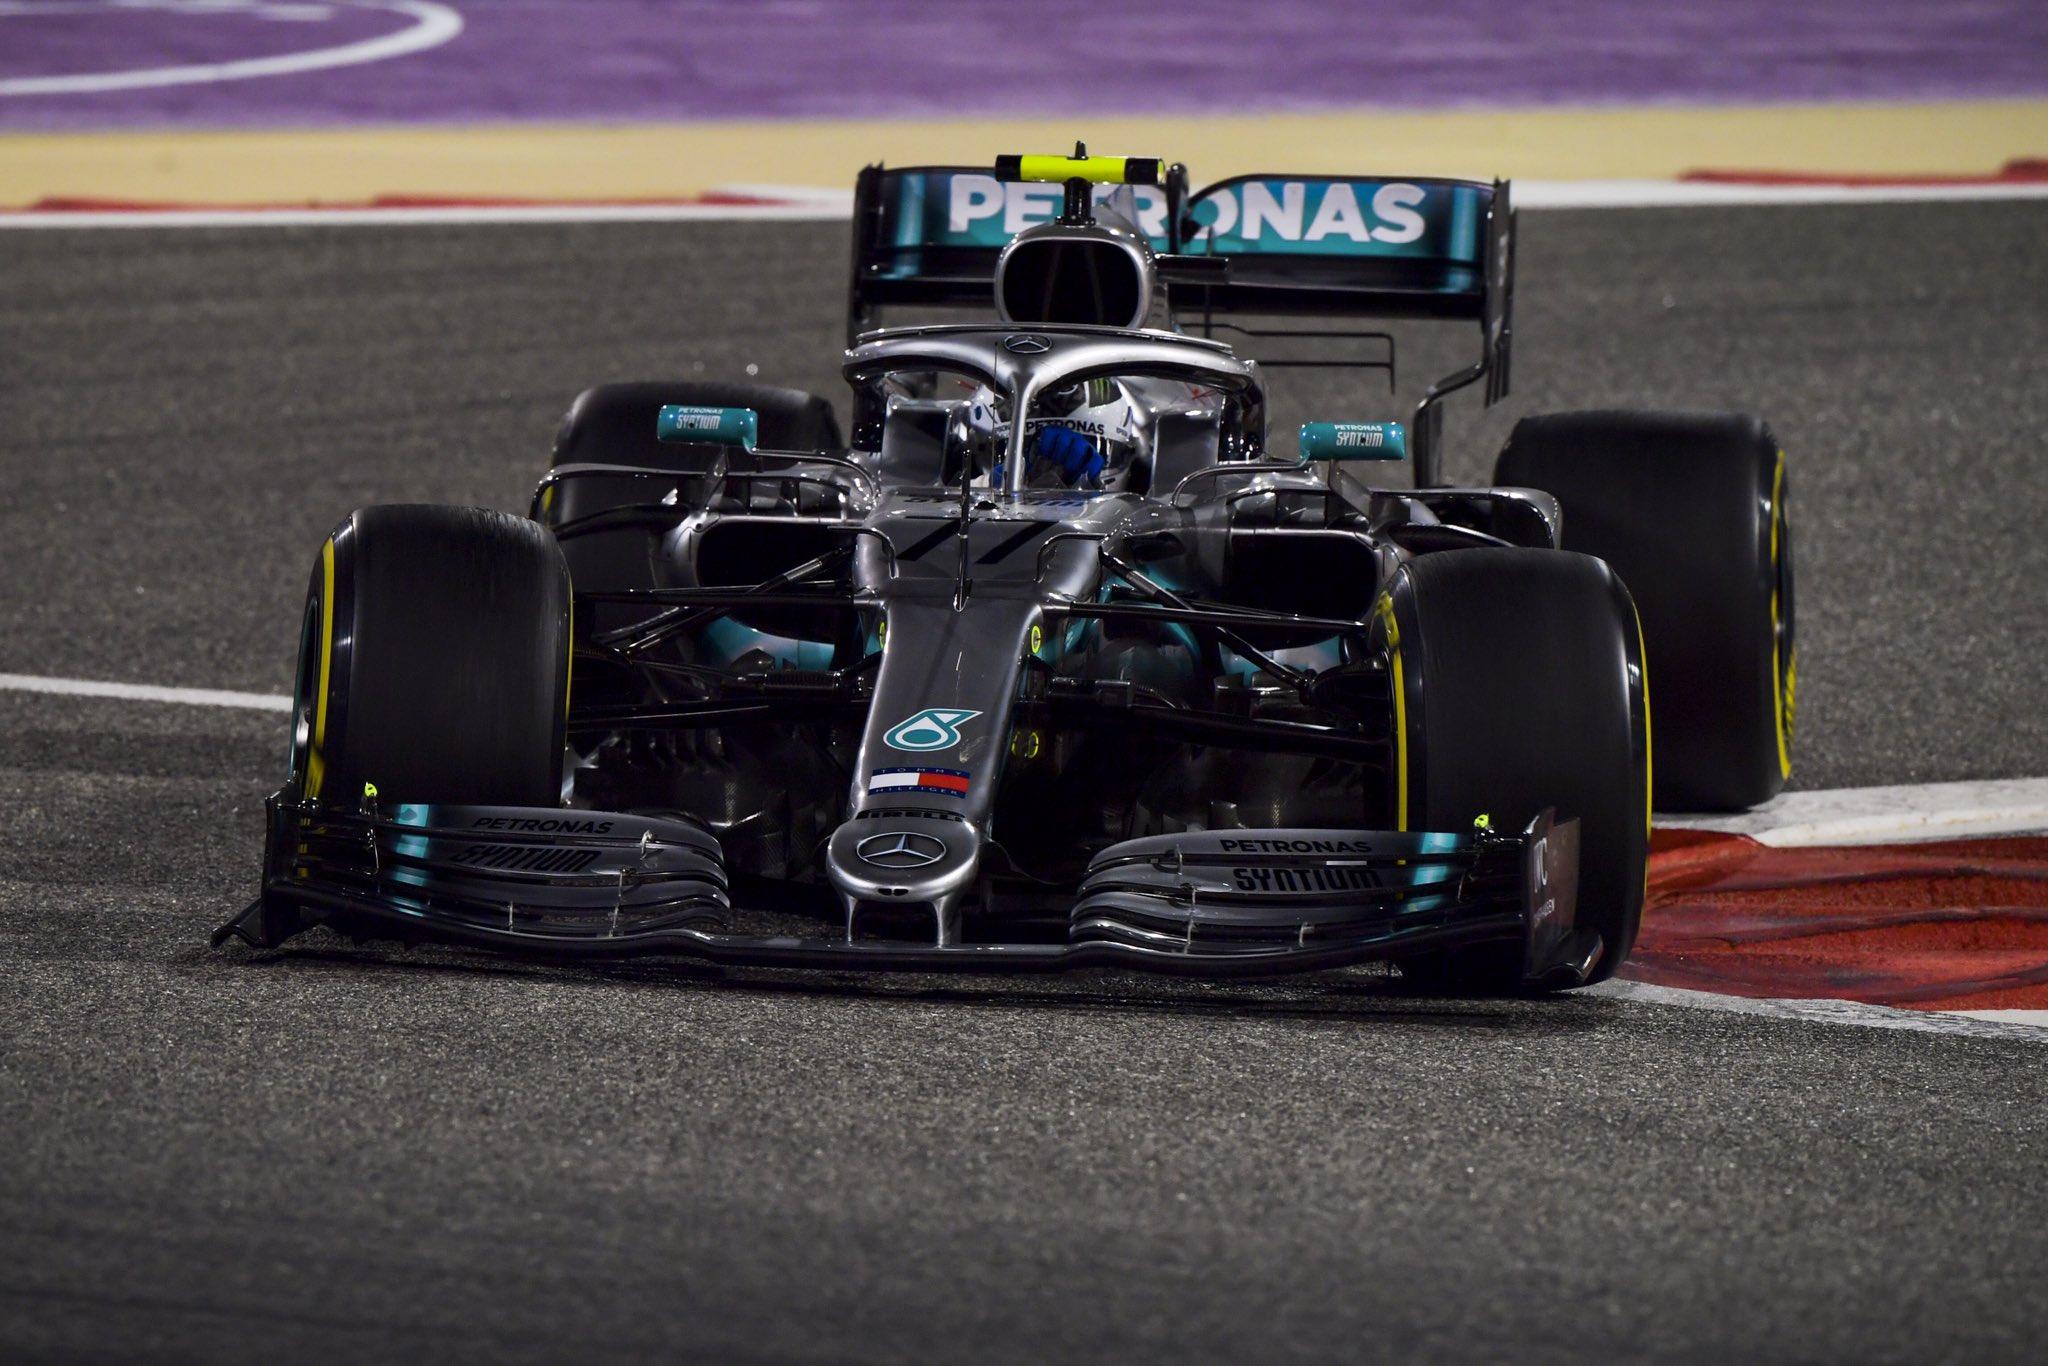 Валттери Боттас лидирует в чемпионате Ф1 после двух этапов сезона-2019